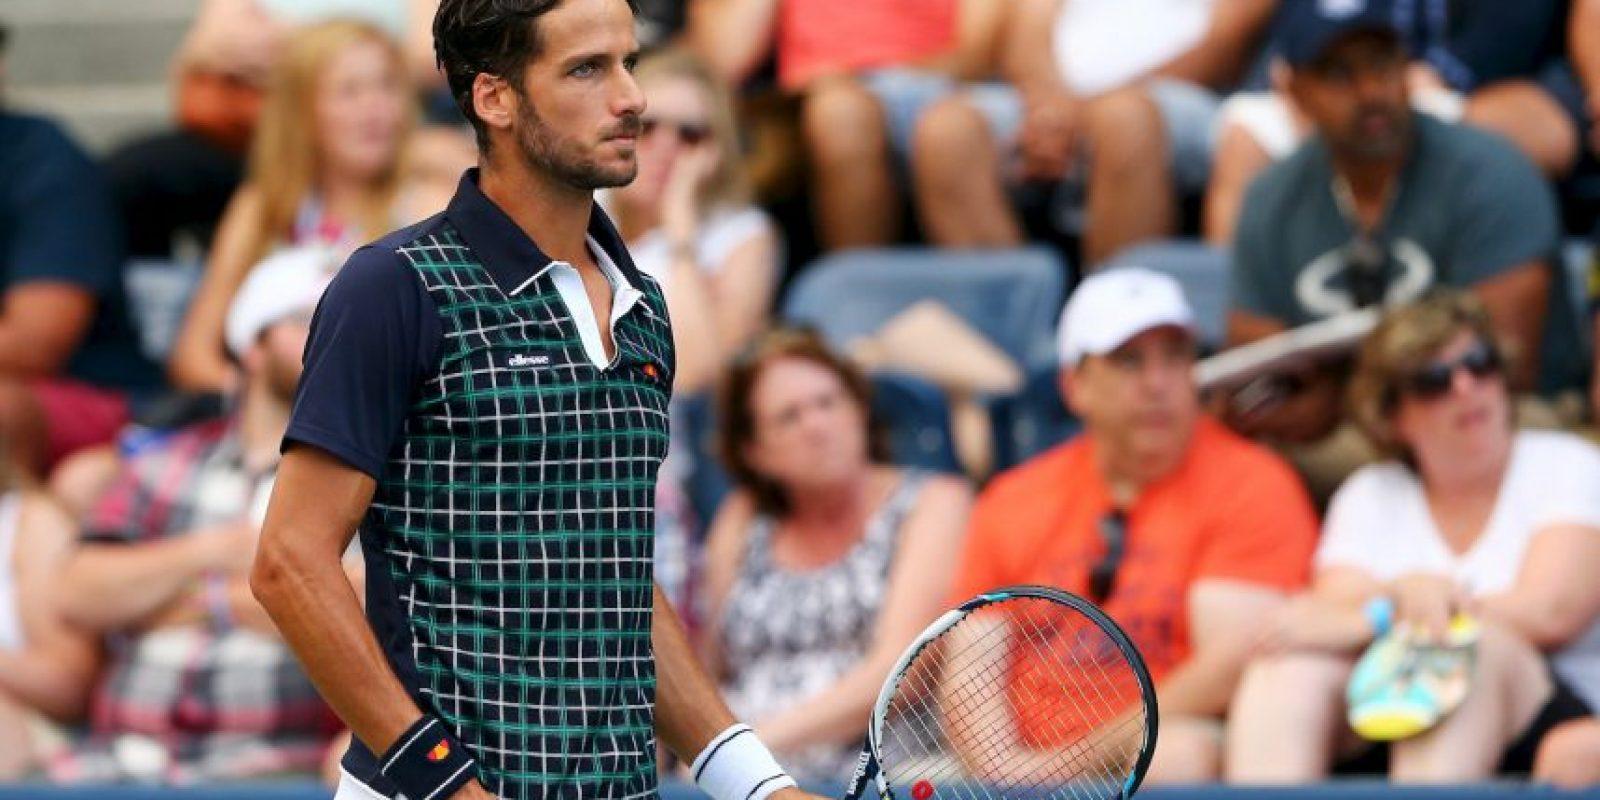 Este elegante español luce impecable en sus partidos con el short en blanco y su camiseta con diseños de cuadrados. Foto:Getty Images